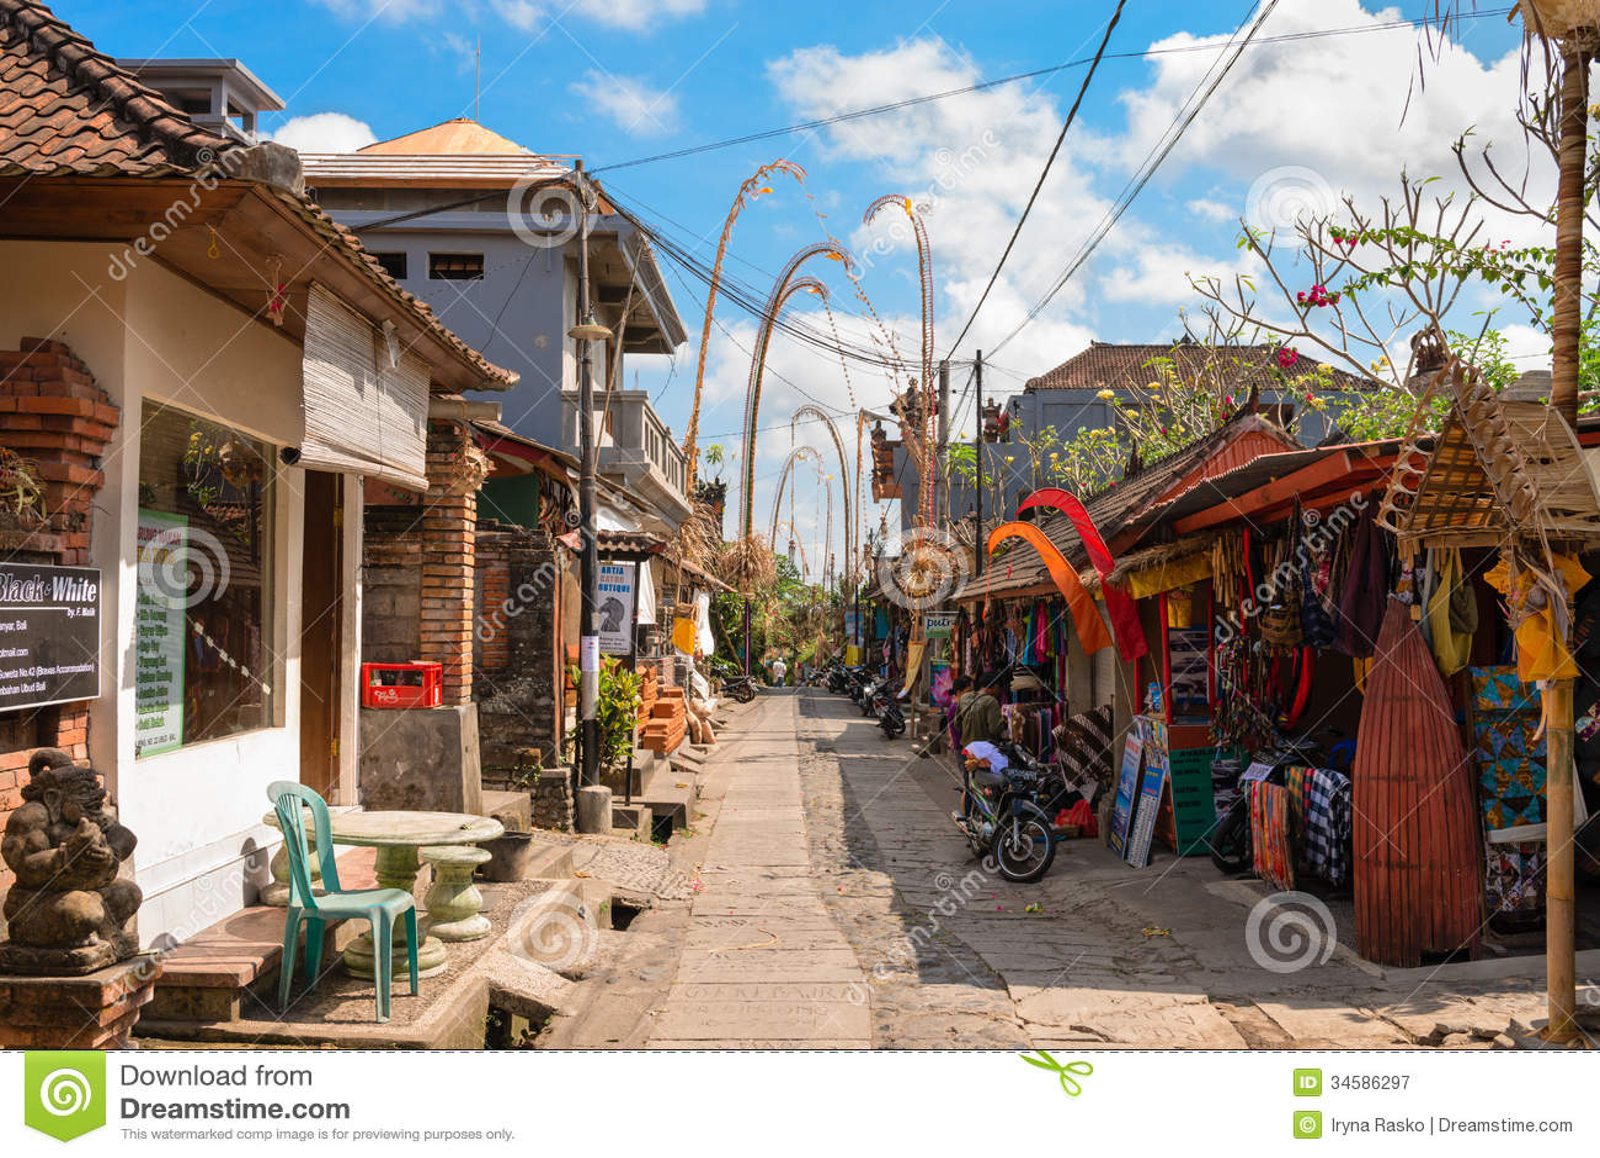 Buying Paintings In Bali